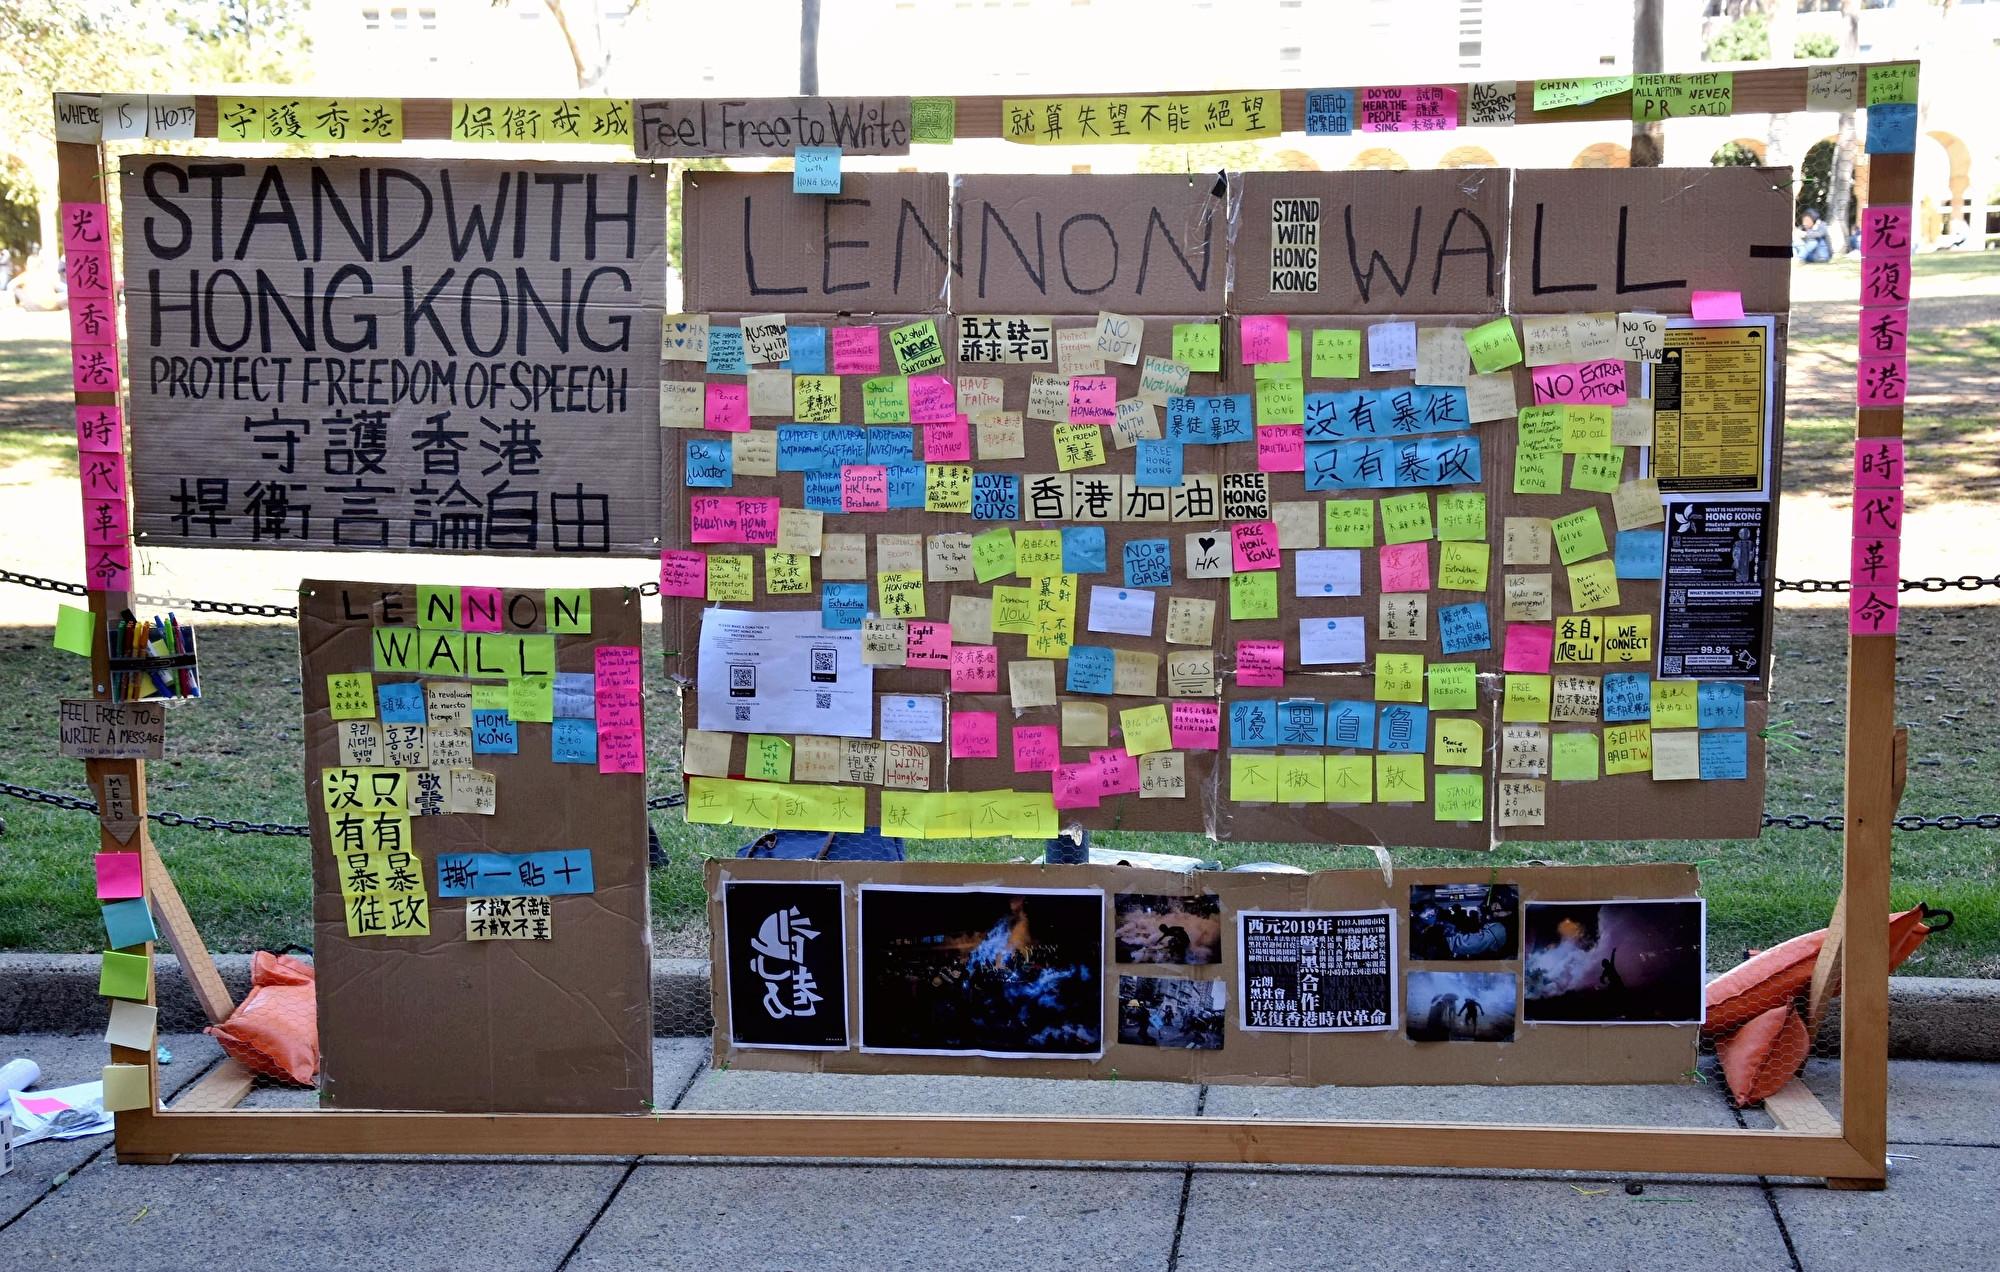 2019年8月9日,香港学生在昆士兰大学做的流动连侬墙。(杨裔飞/大纪元)